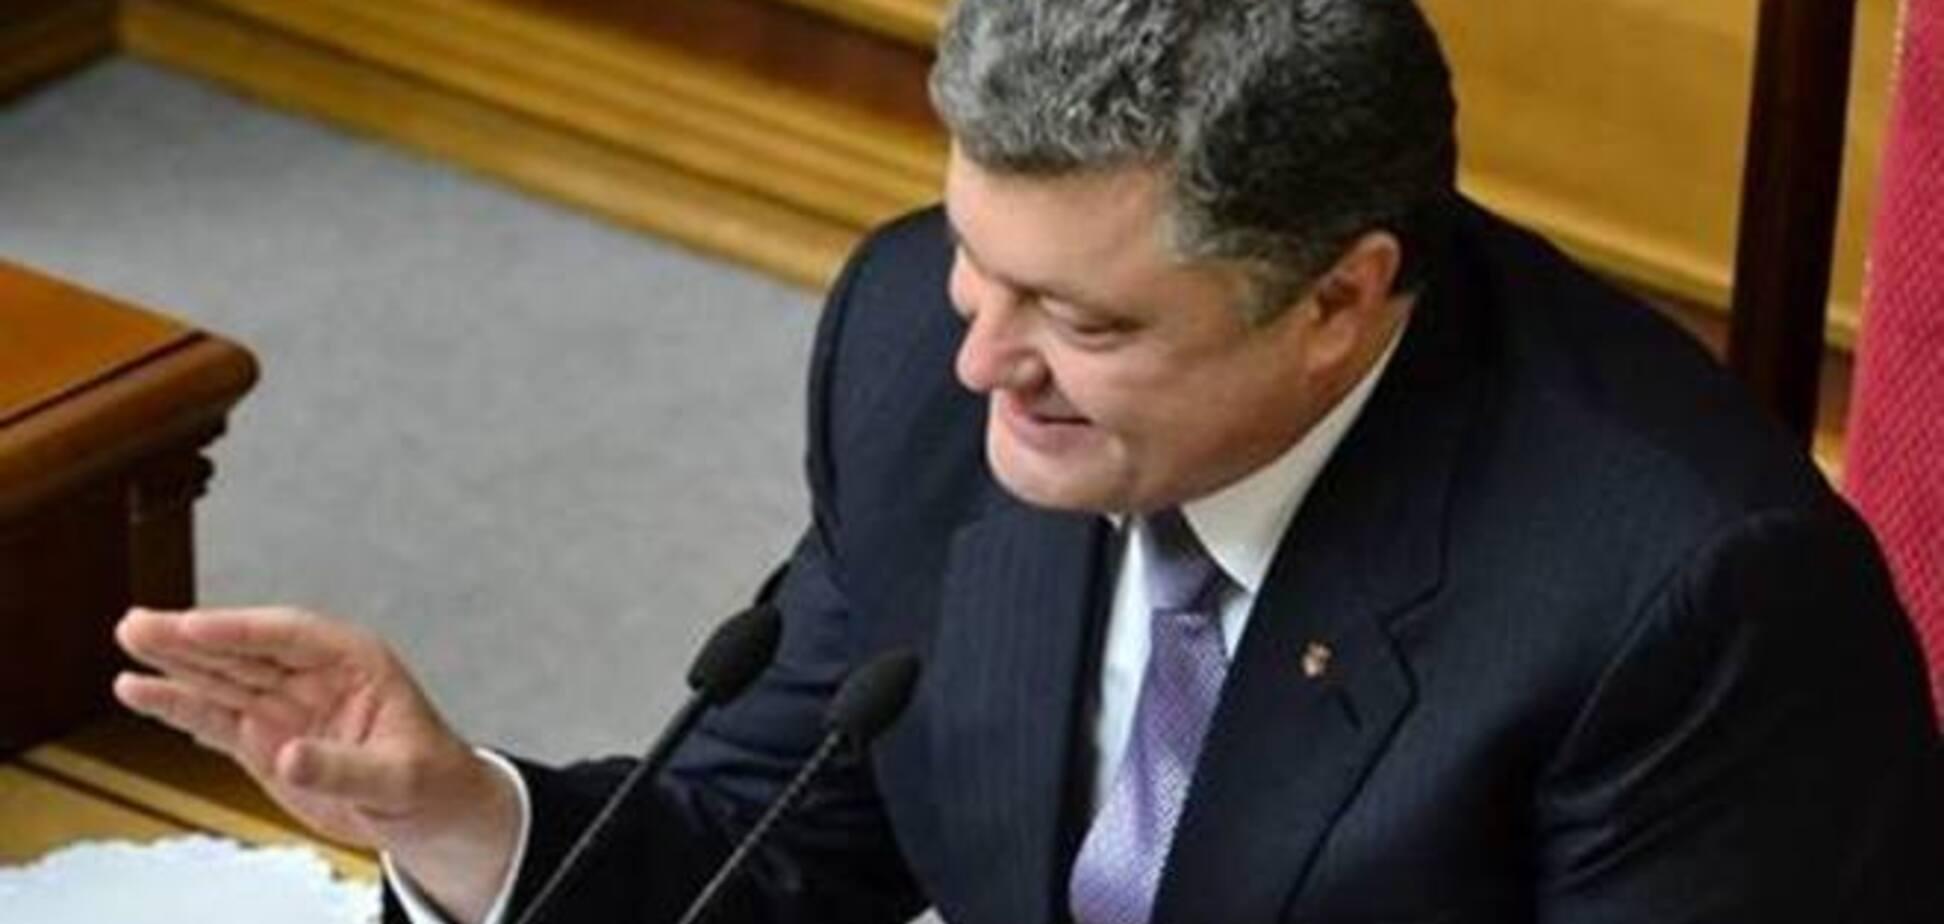 Порошенко доволен началом продуктивного сотрудничества с парламентом